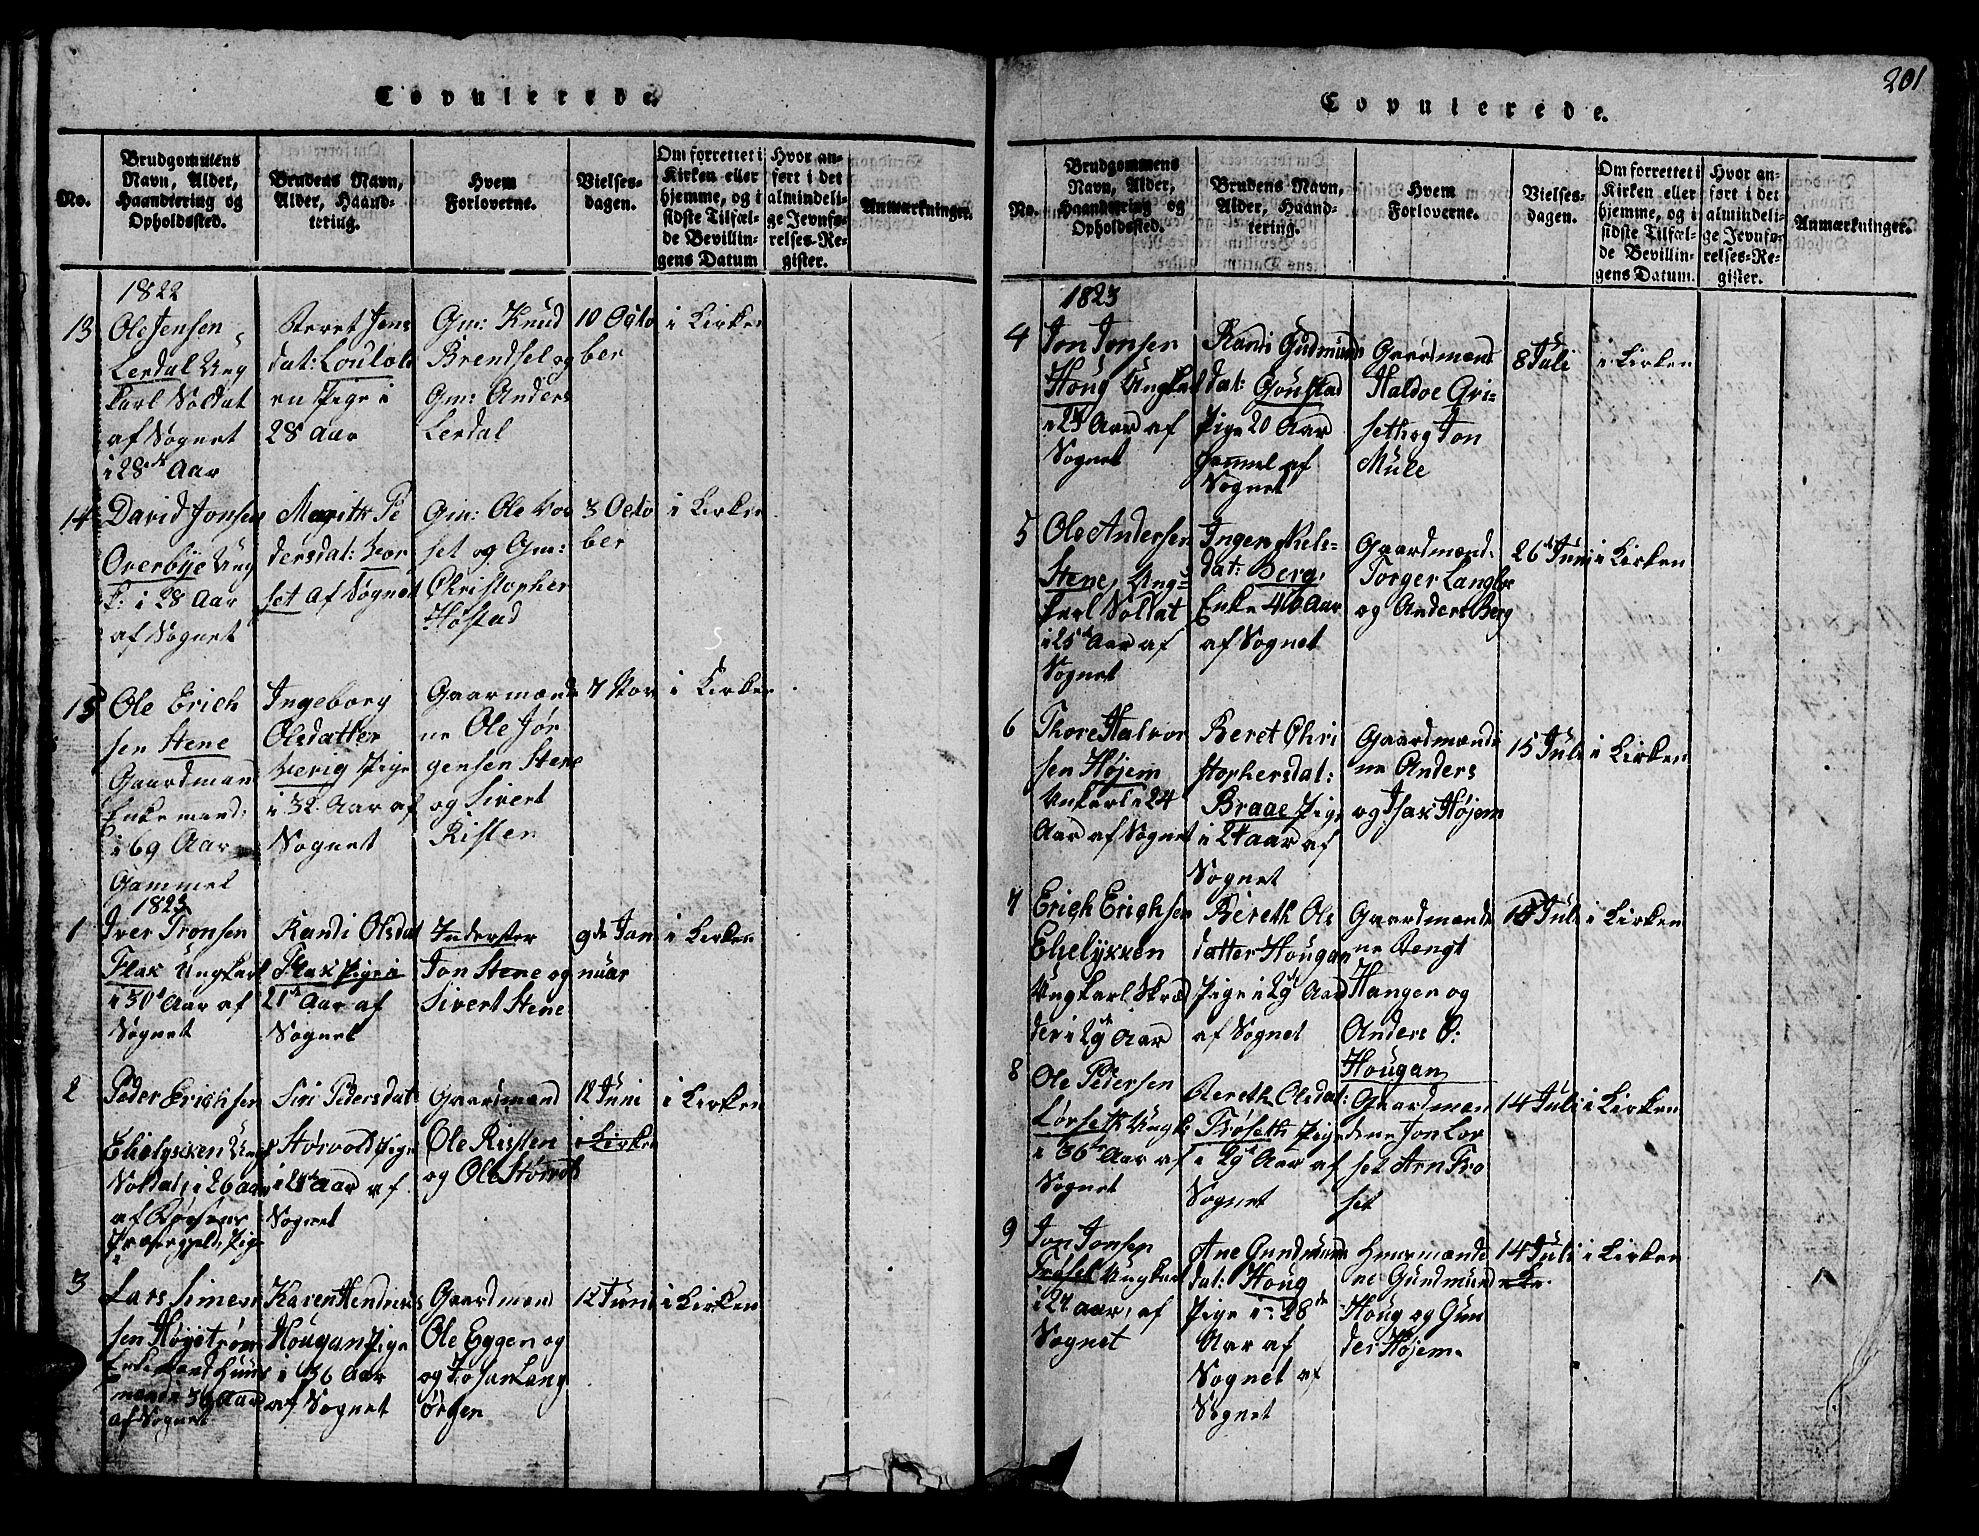 SAT, Ministerialprotokoller, klokkerbøker og fødselsregistre - Sør-Trøndelag, 612/L0385: Klokkerbok nr. 612C01, 1816-1845, s. 201